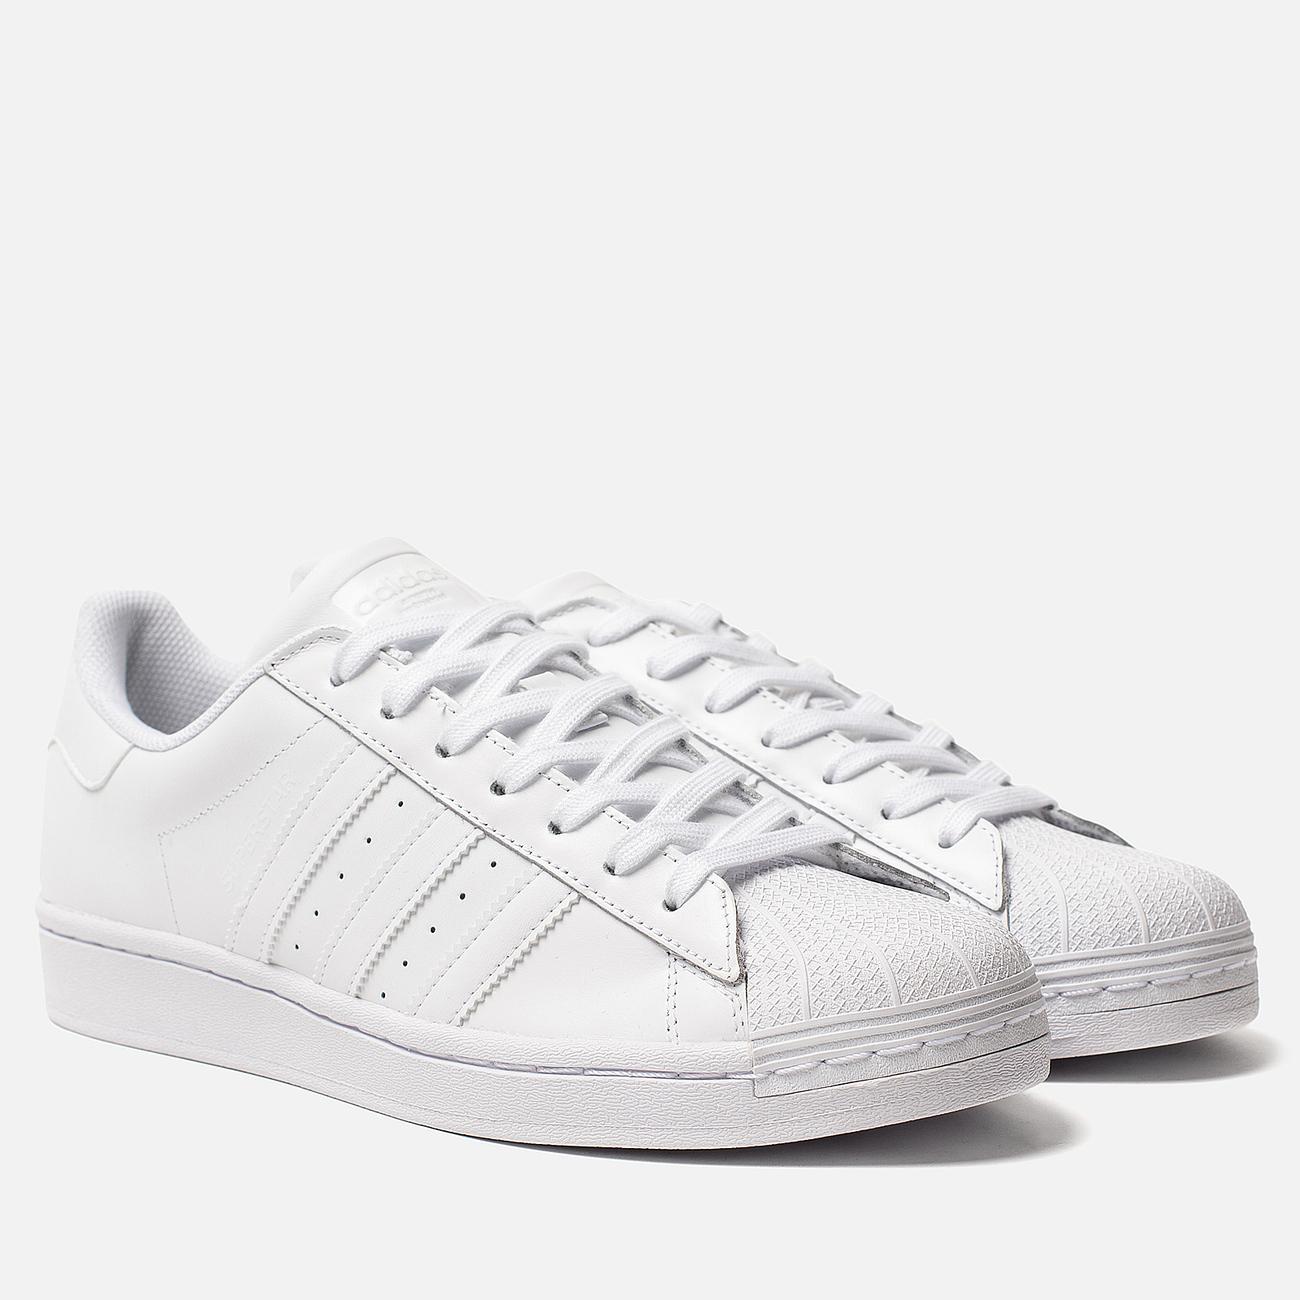 Кроссовки adidas Originals Superstar White/White/White